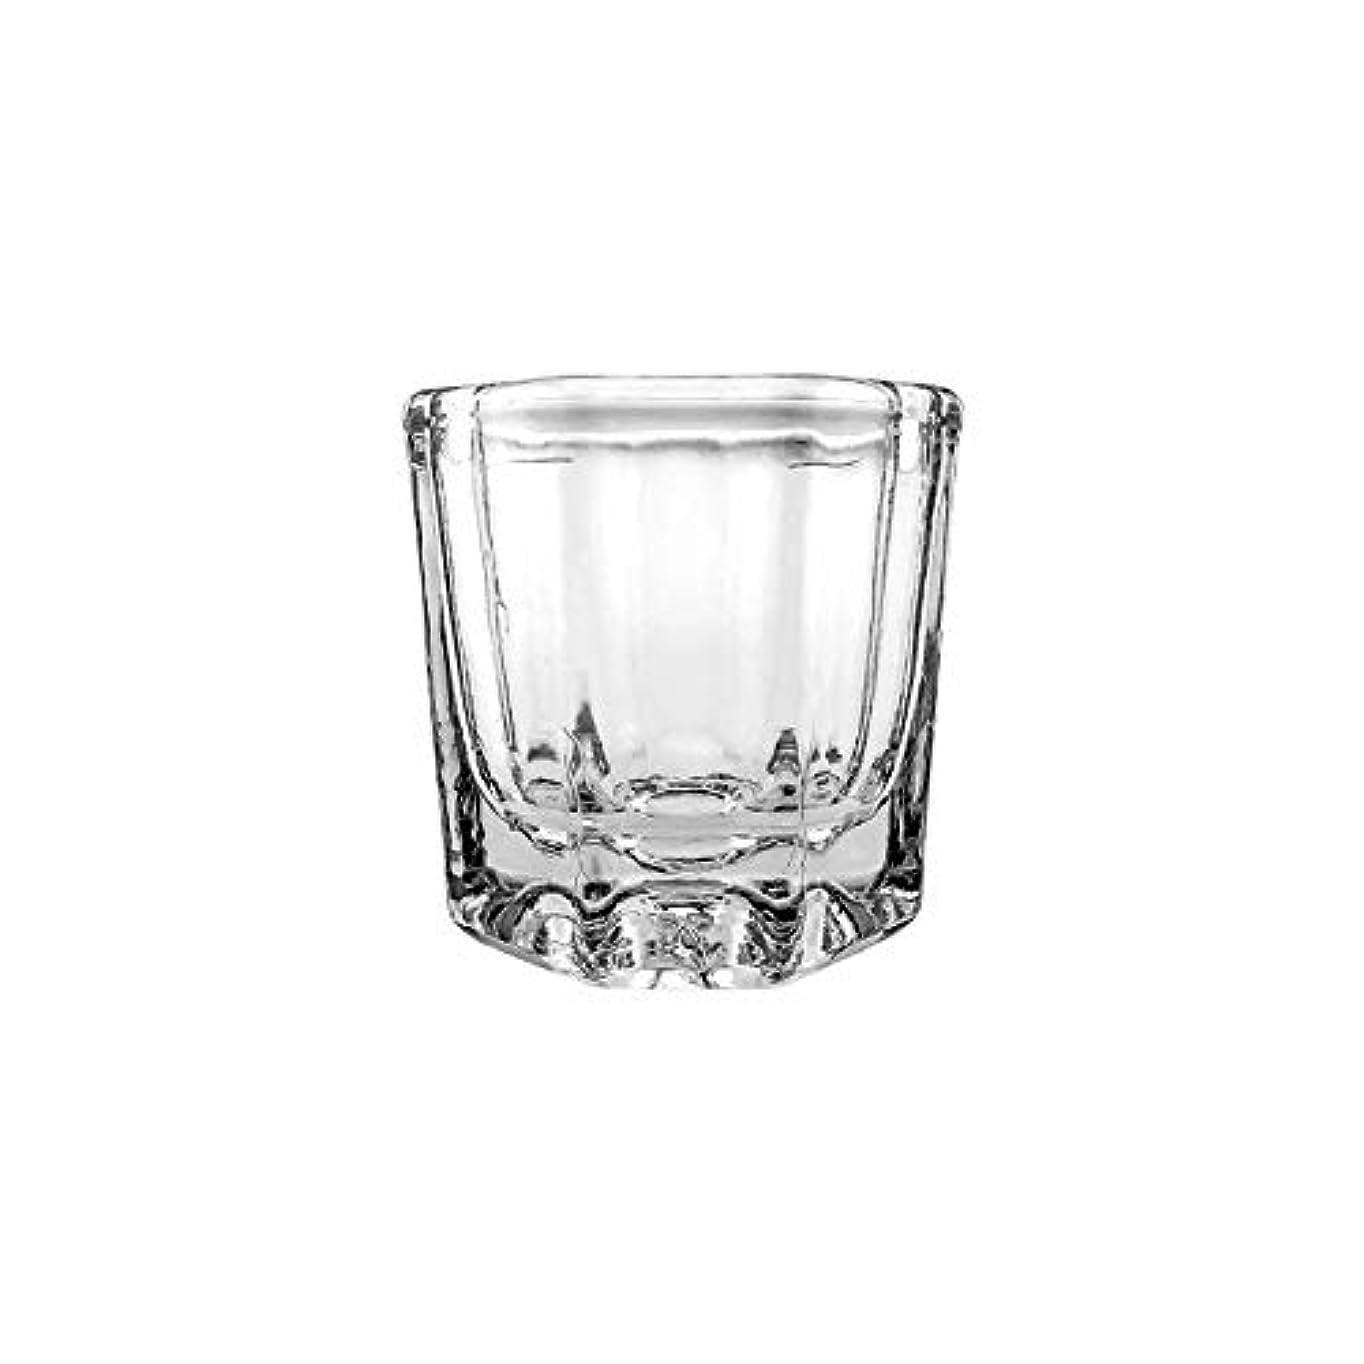 アプライアンスメカニッククルーLALONA ダッペンディッシュ (ガラス製) (耐溶剤) ジェルネイル スカルプチュア ブラシの洗浄に